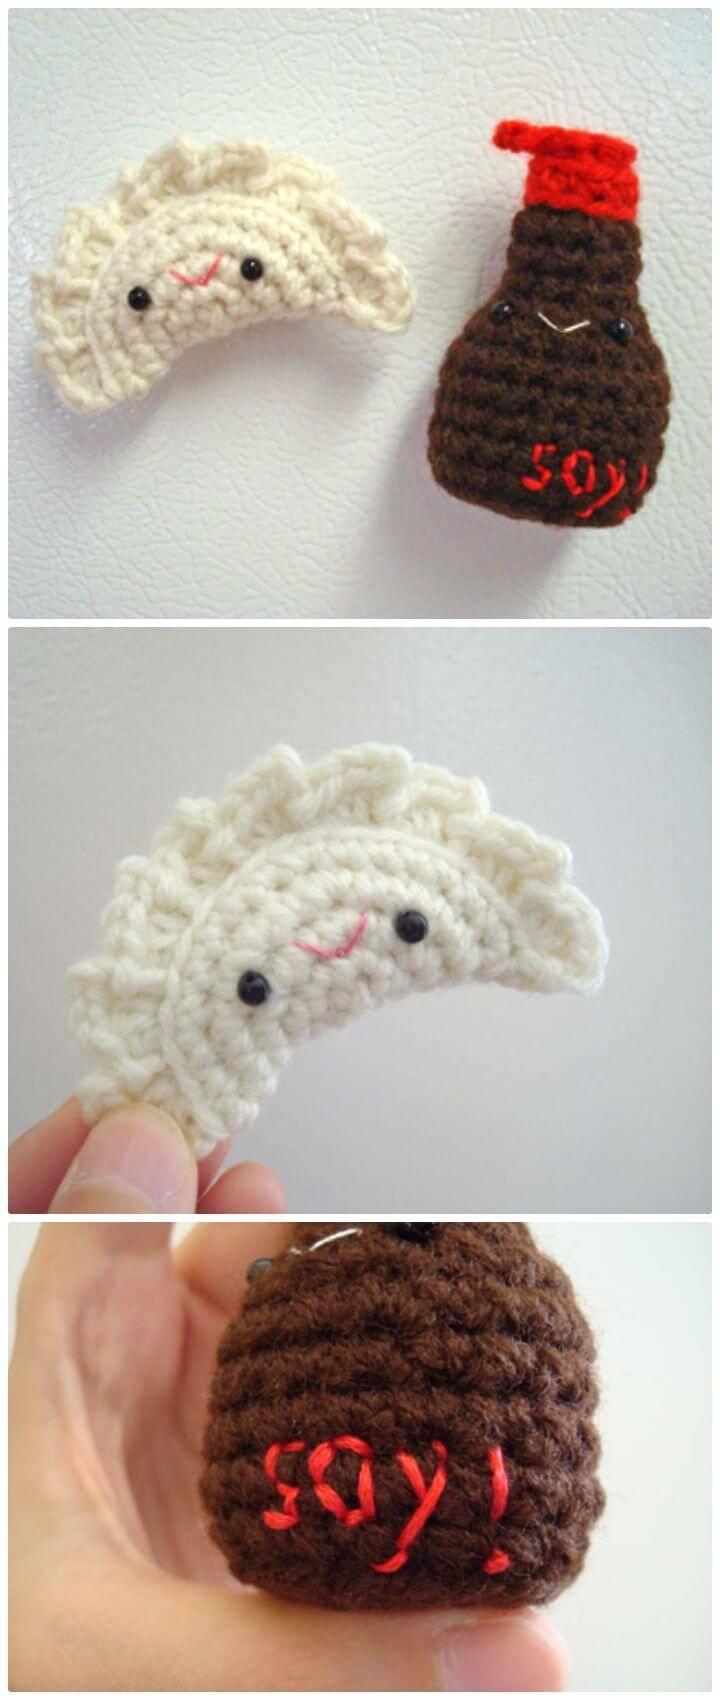 Free Crochet Dumpling + Soy Sauce Amigurumi Pattern